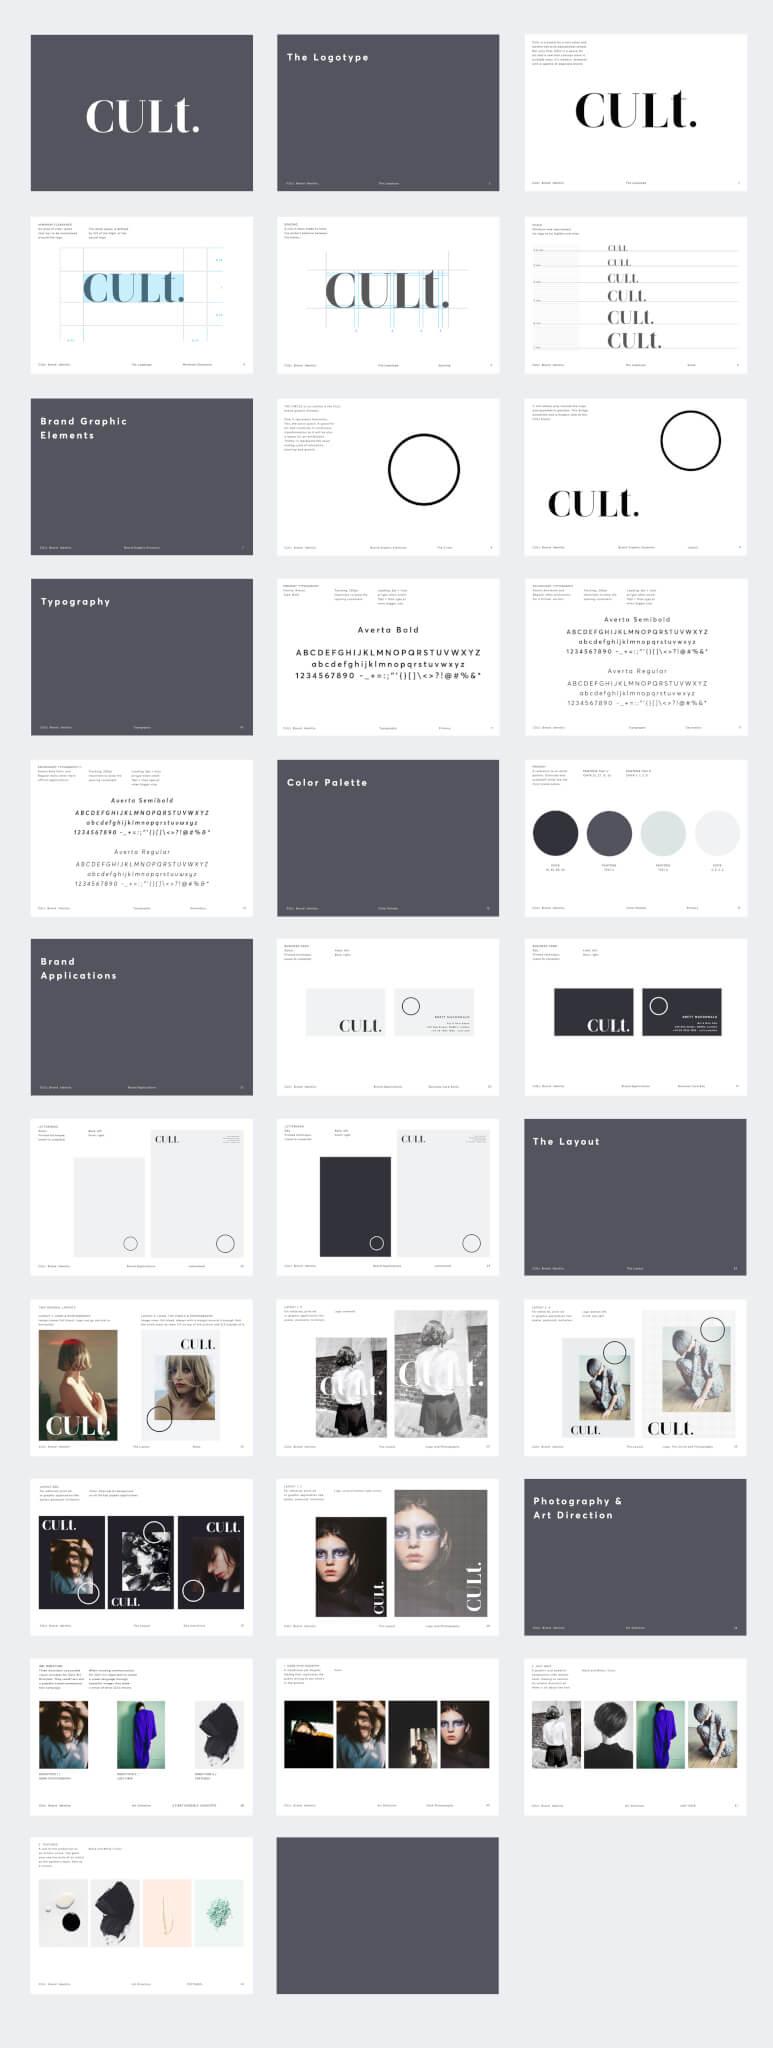 CULT_brandbook_full_grid